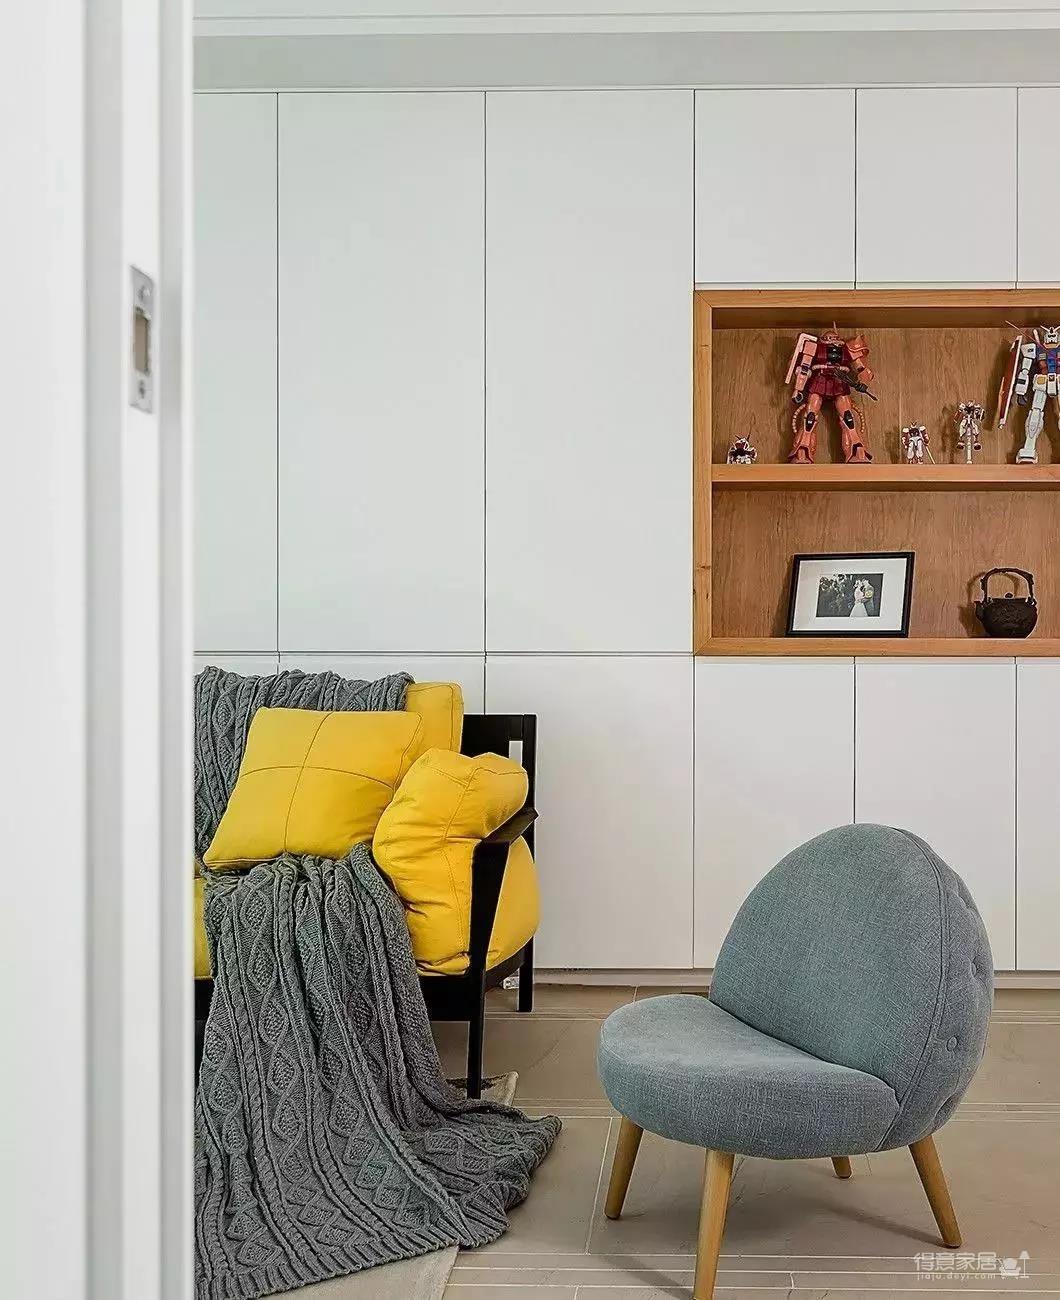 140㎡北欧,暖心艳丽的色调,满屋舒适的气息图_2